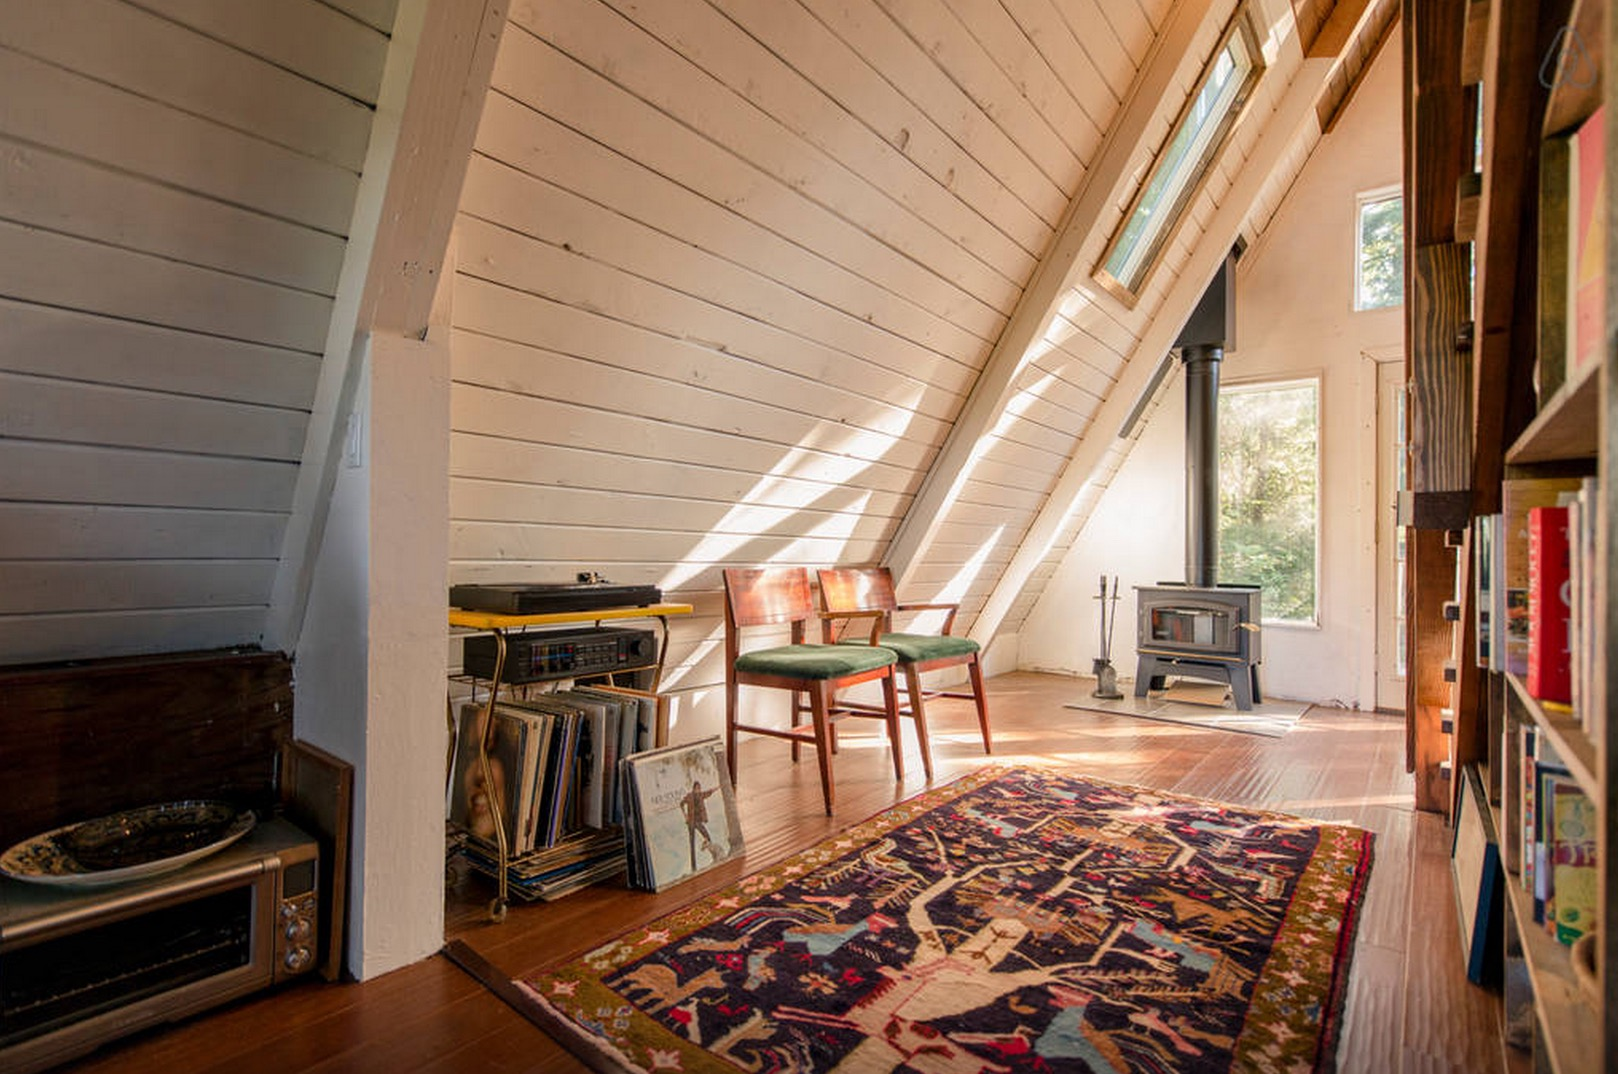 Cabin-Redwoods-Joli-Joli-Design-Cabine-09